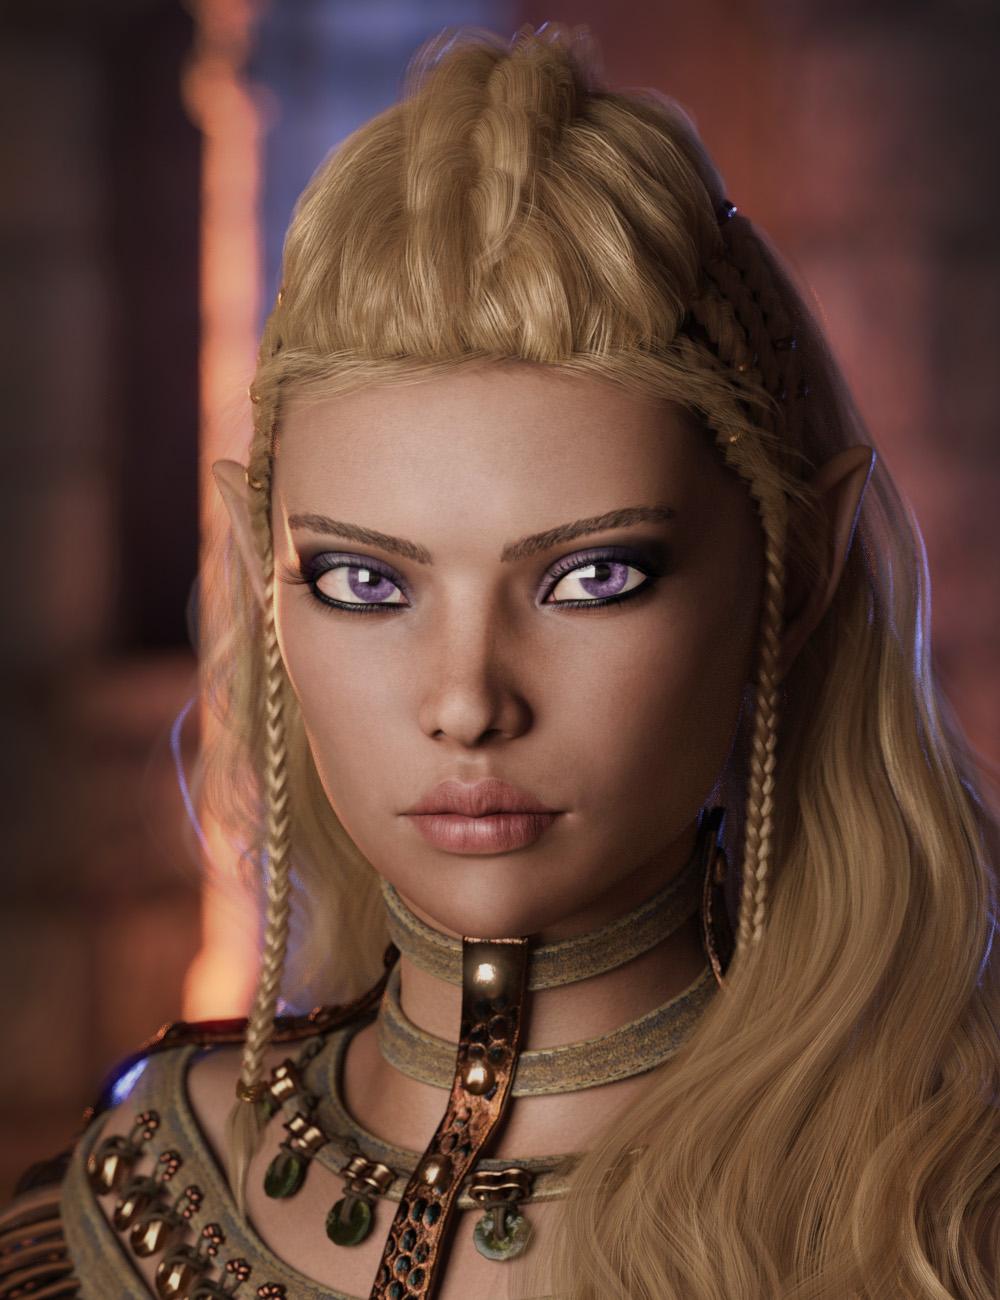 Esperenza HD For Genesis 8 Female by: Vex, 3D Models by Daz 3D